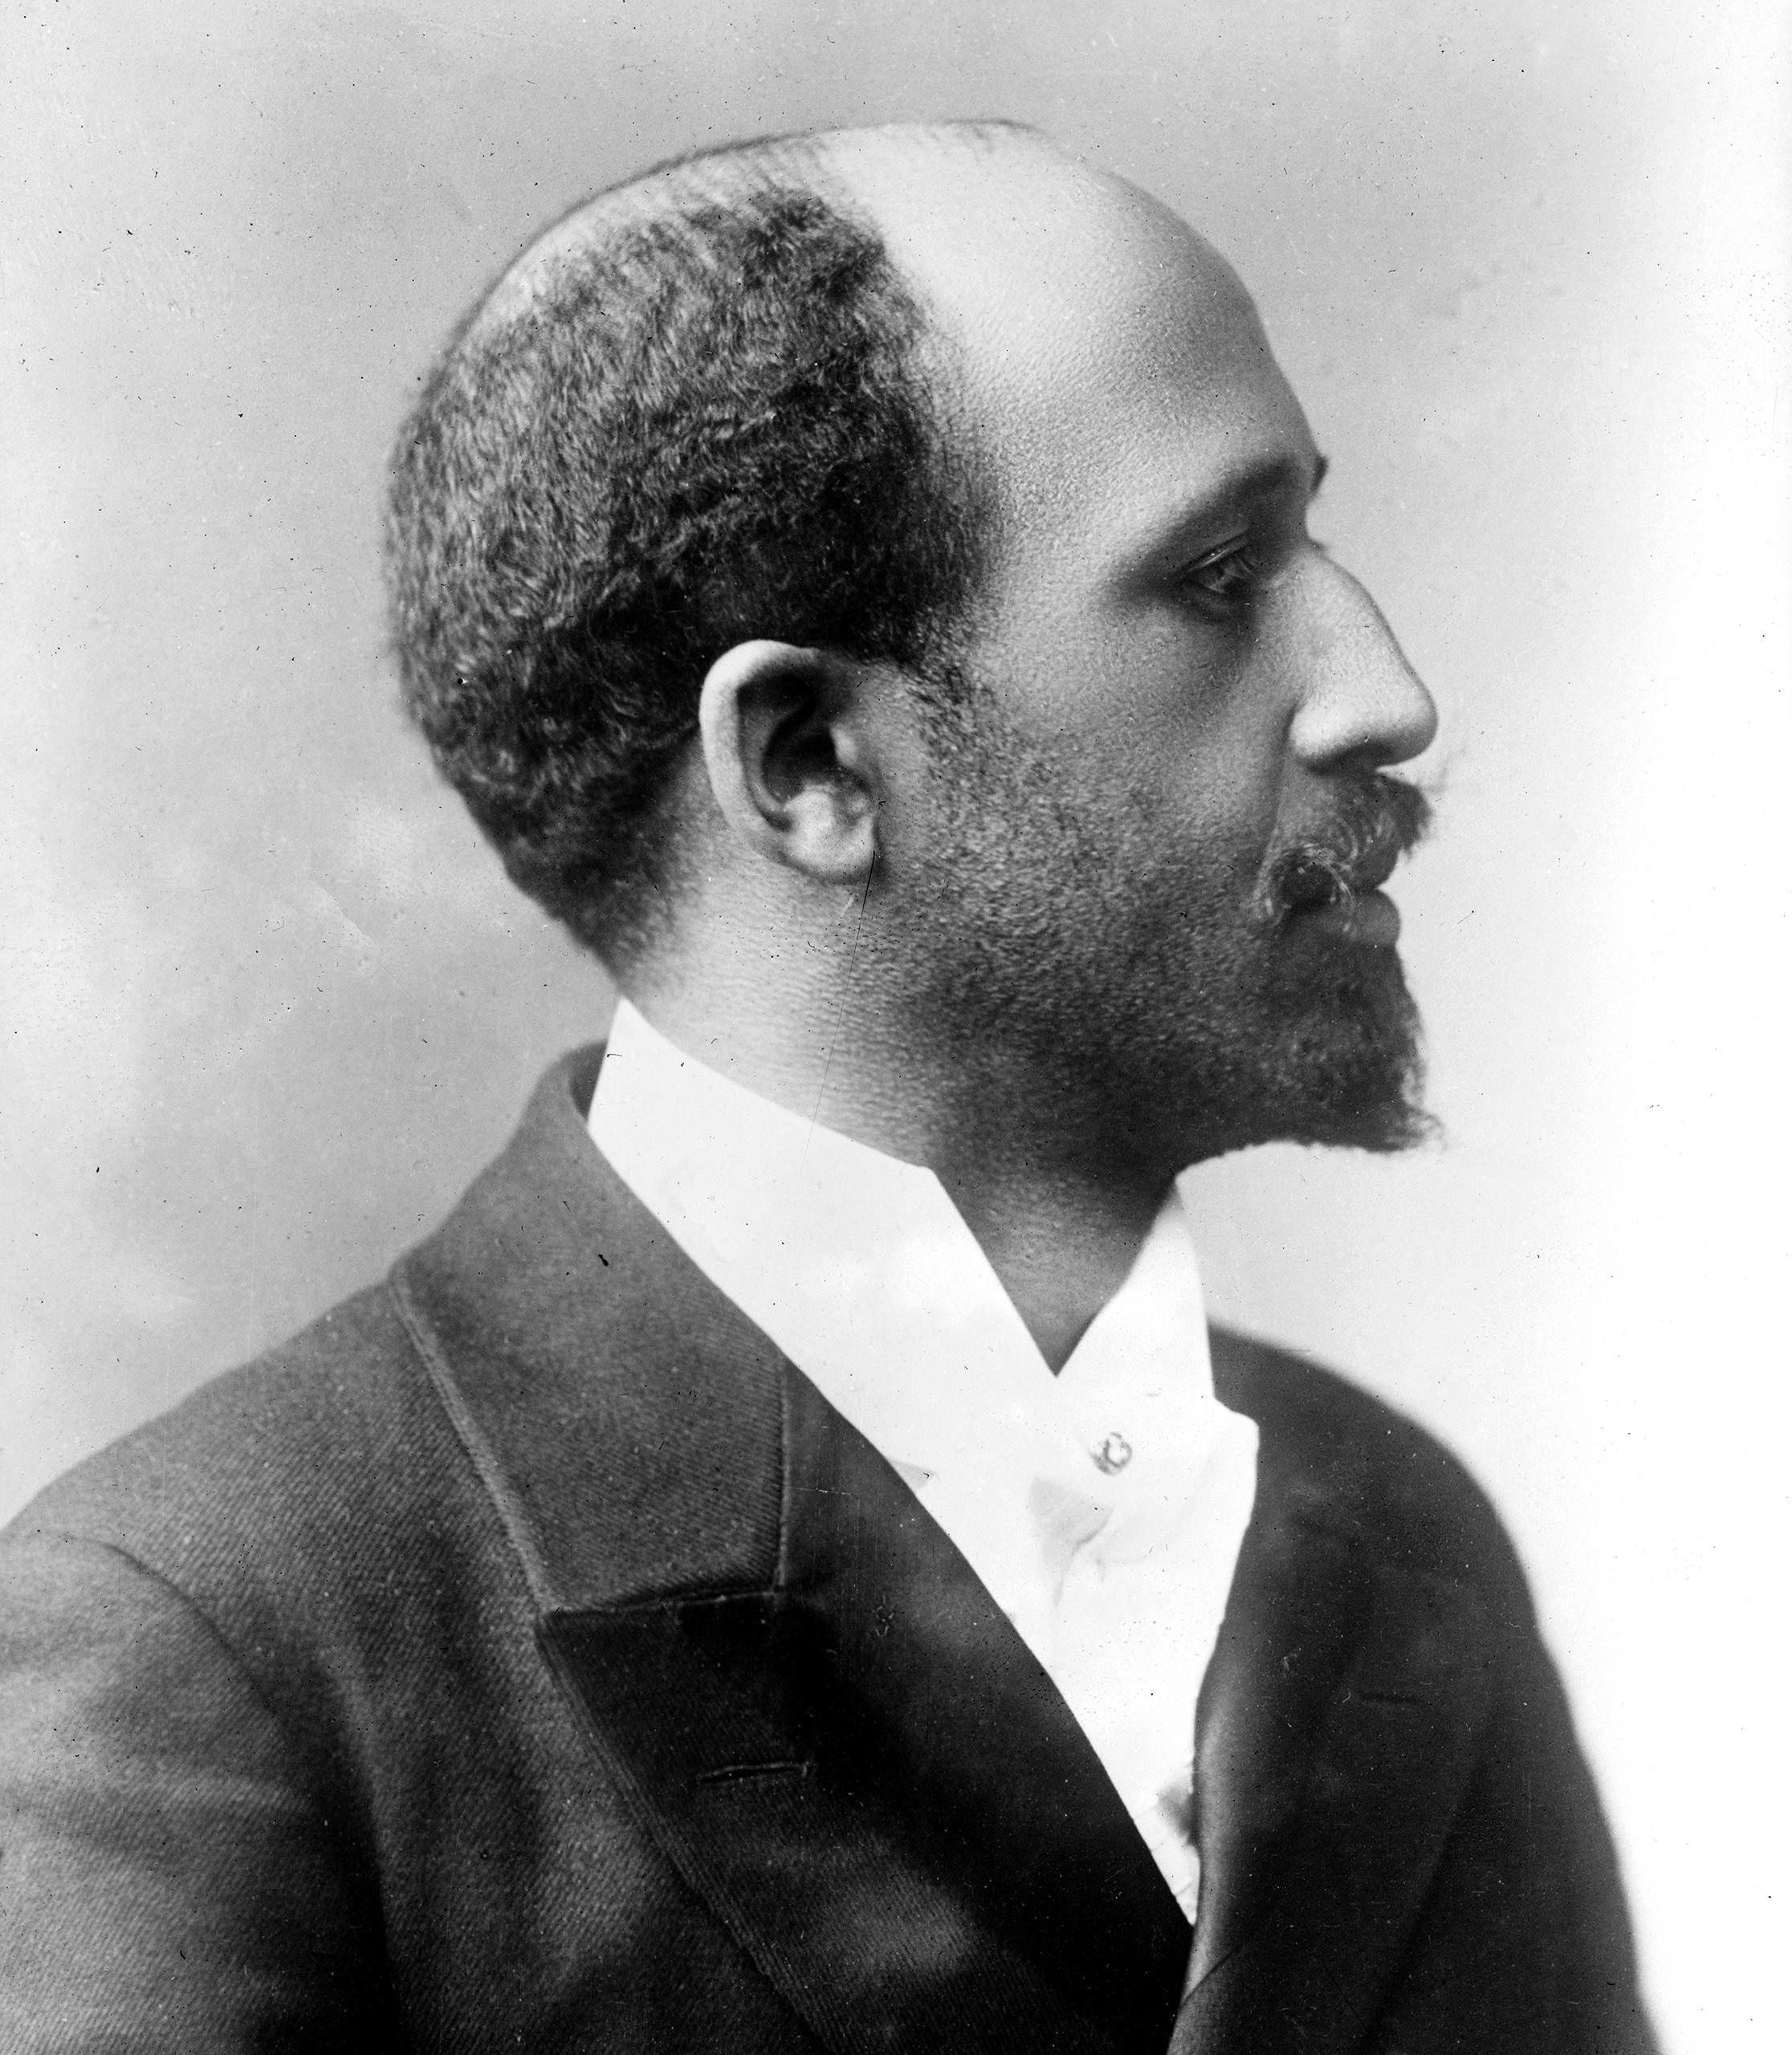 Portrait of American-born author, educator, and activist W. E. B. Du Bois, 1910s.